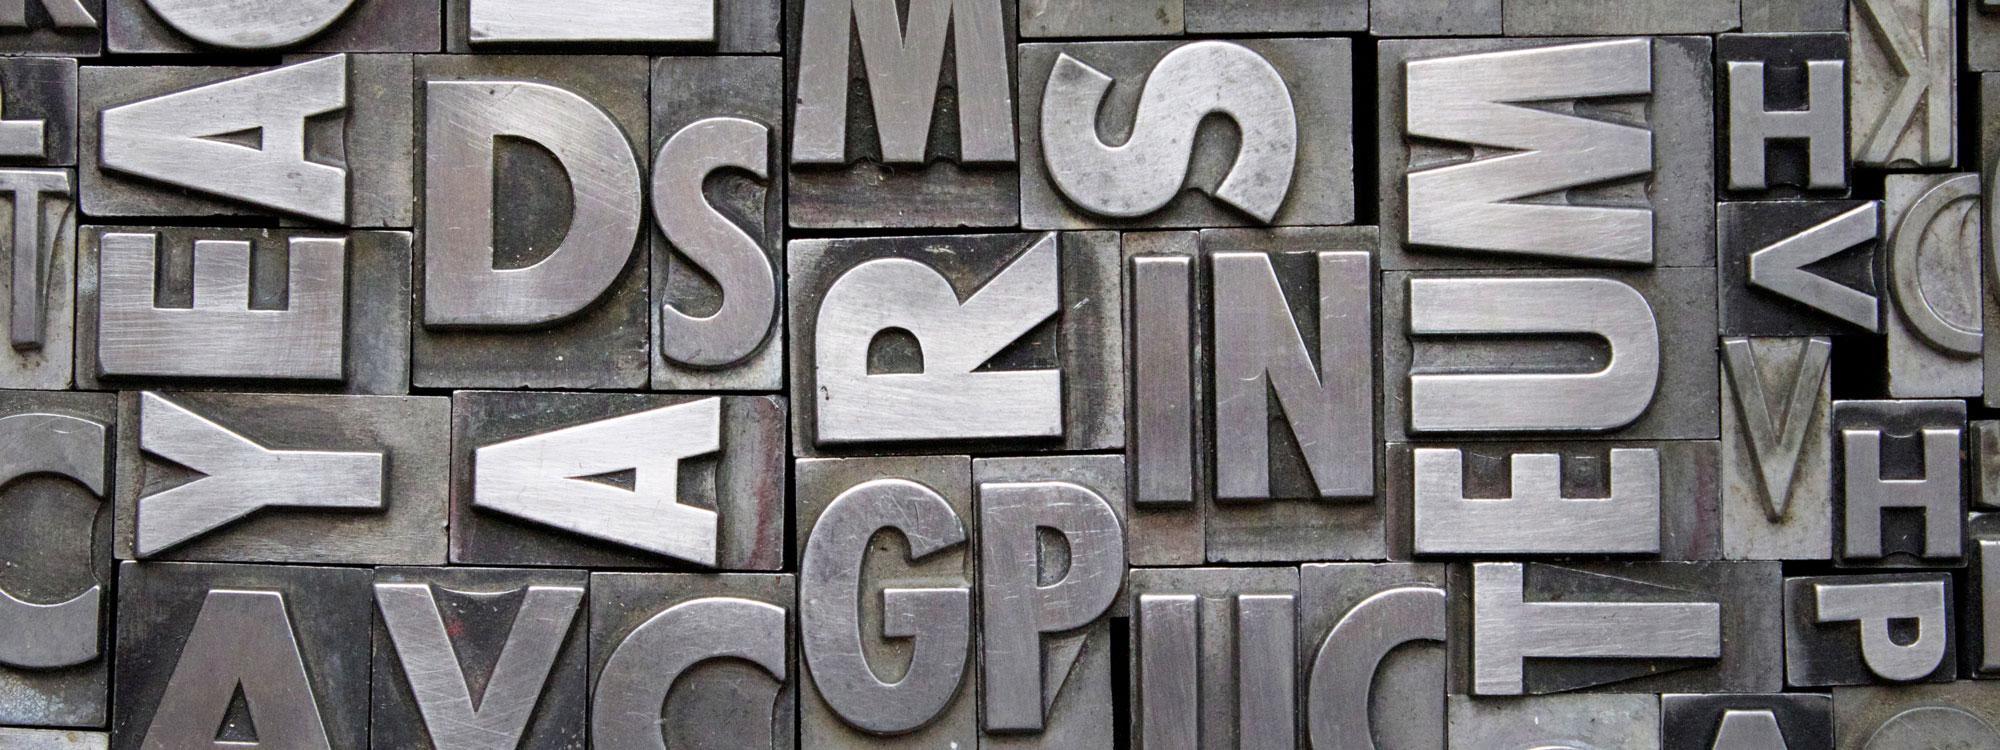 choosing-font-for-logo-design-cover